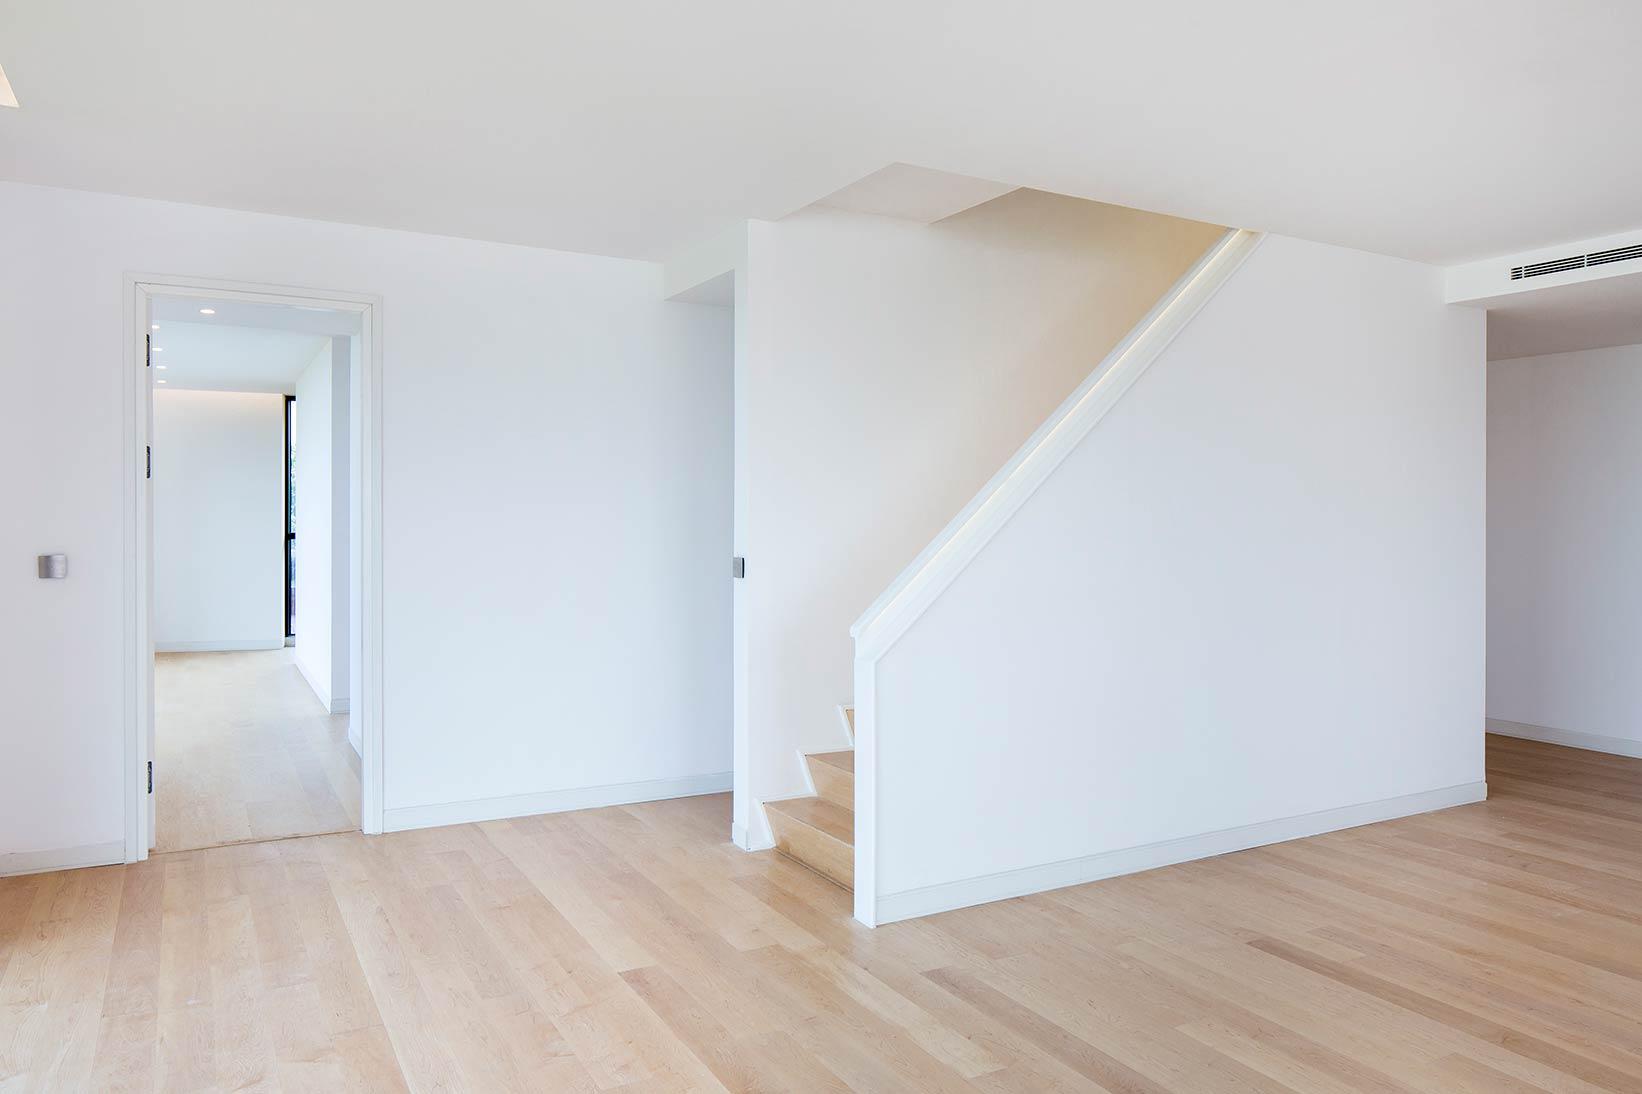 qent-istinye-porsche-design-project-luxury-10.jpg